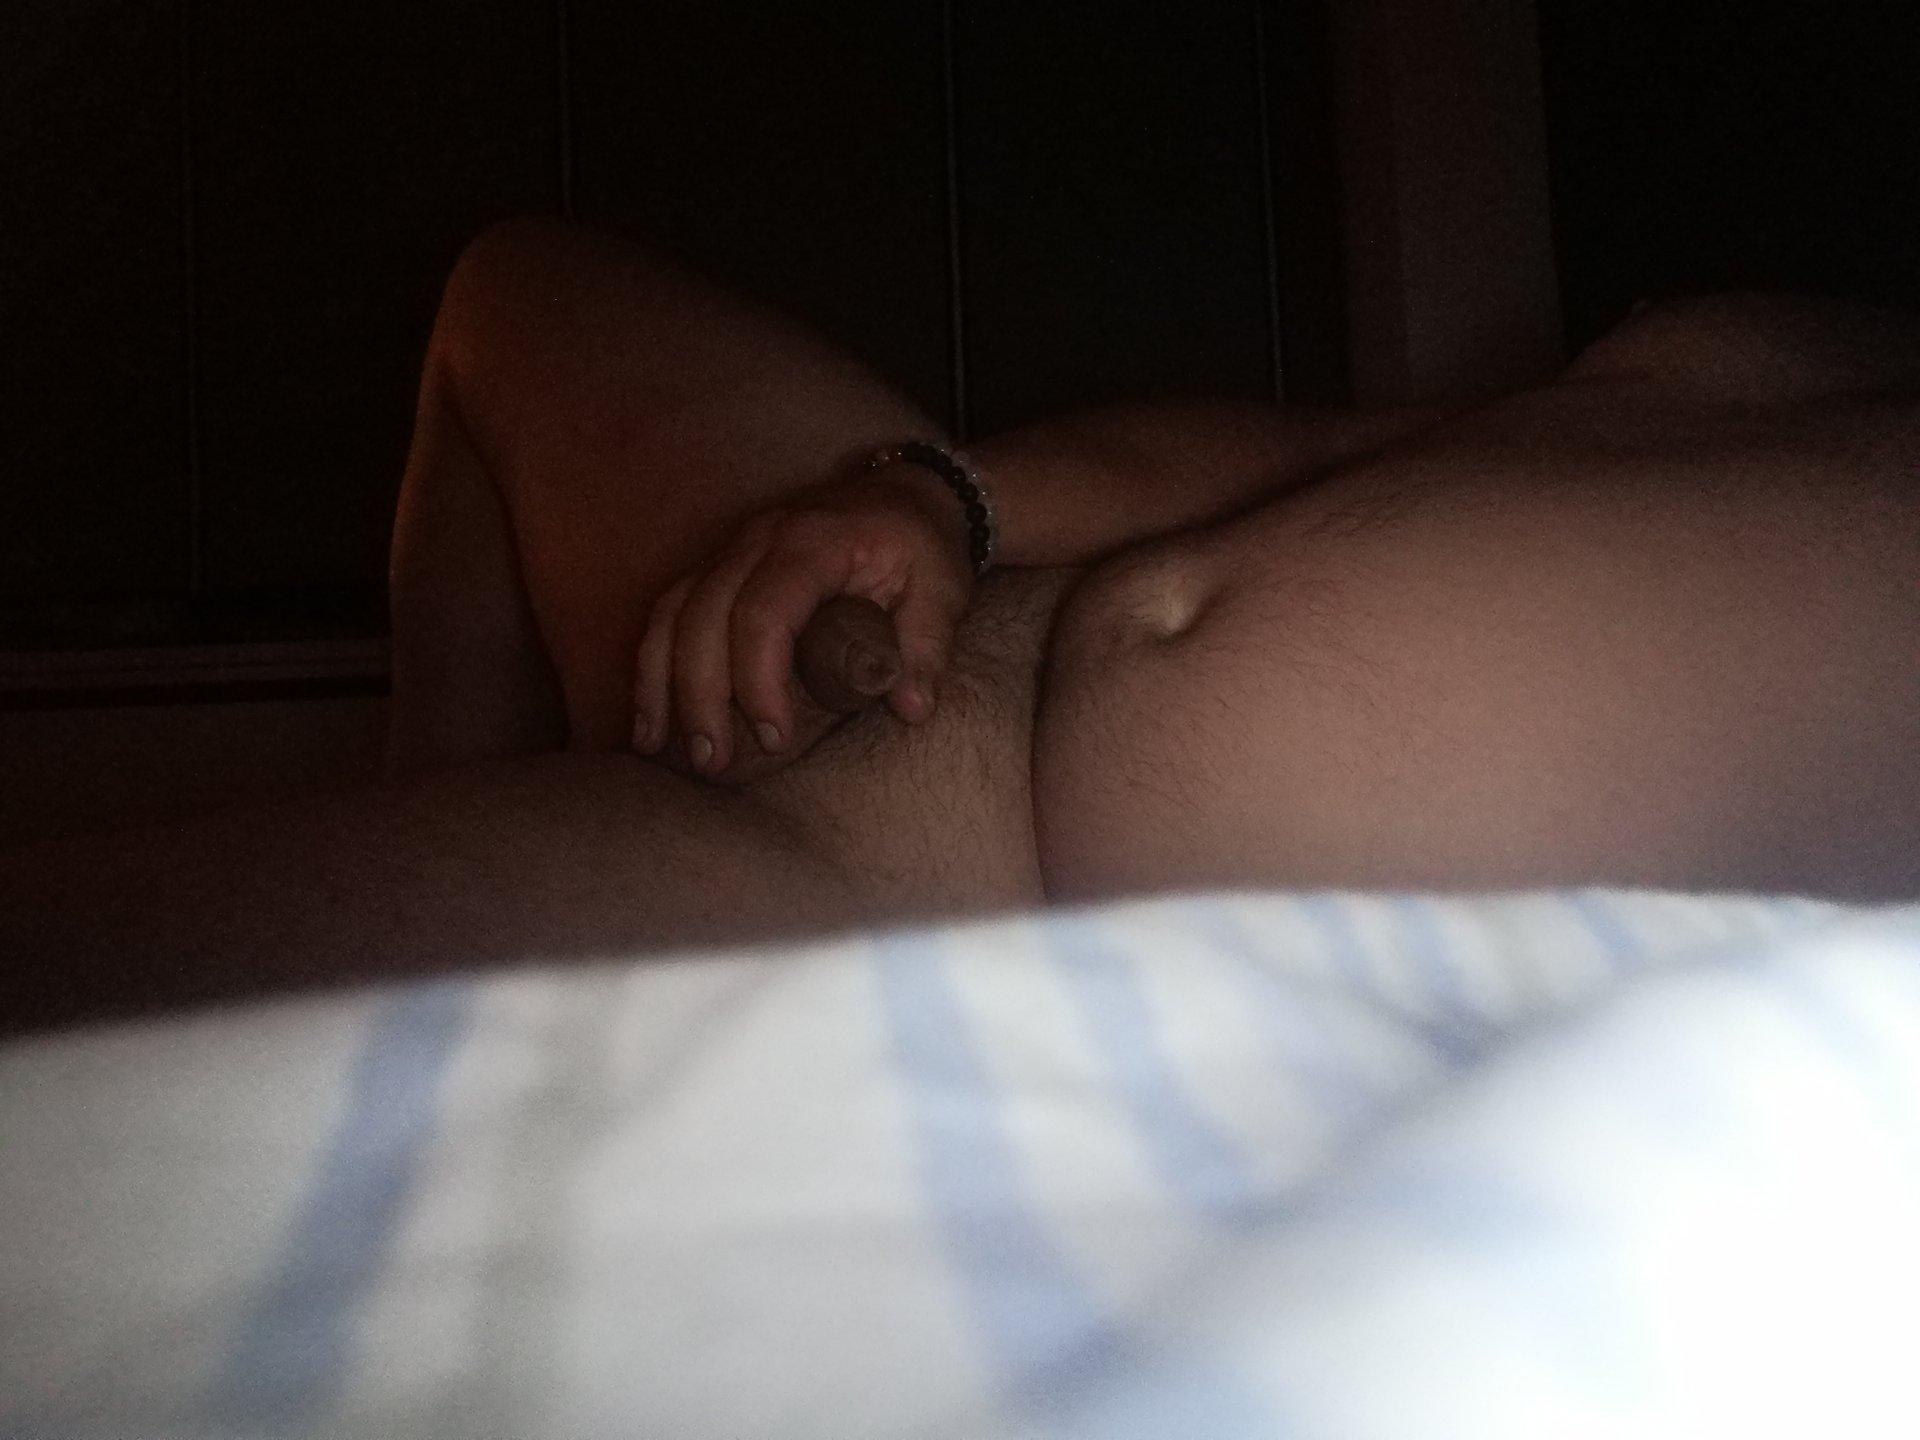 DaddyMark from Greater London,United Kingdom